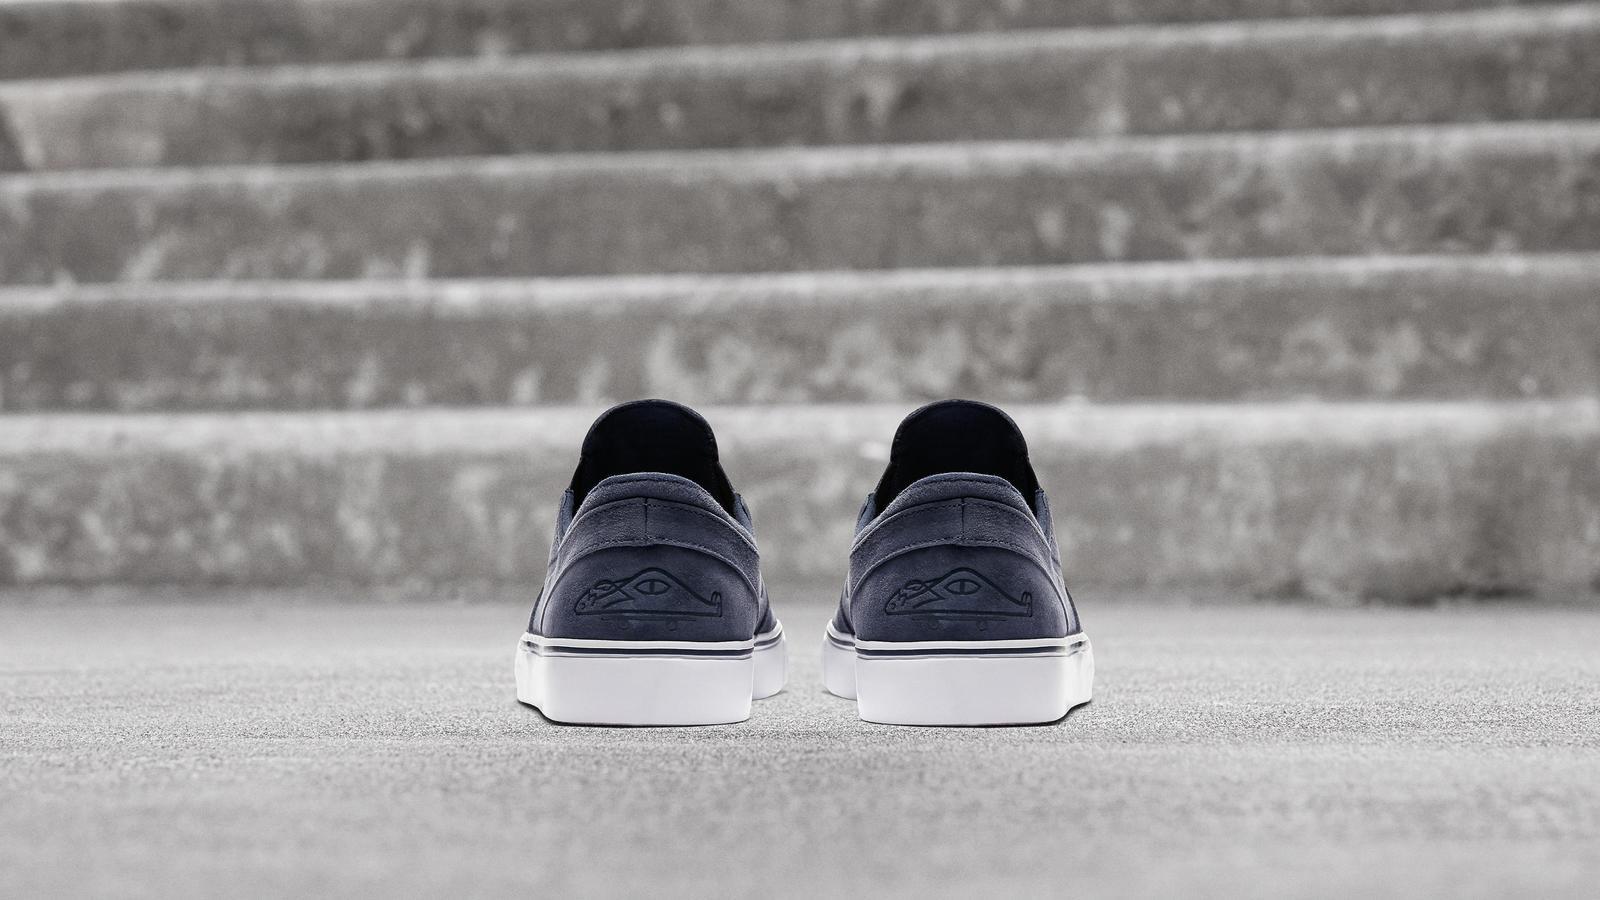 Poler x Nike SB Janoski Slip-On 1